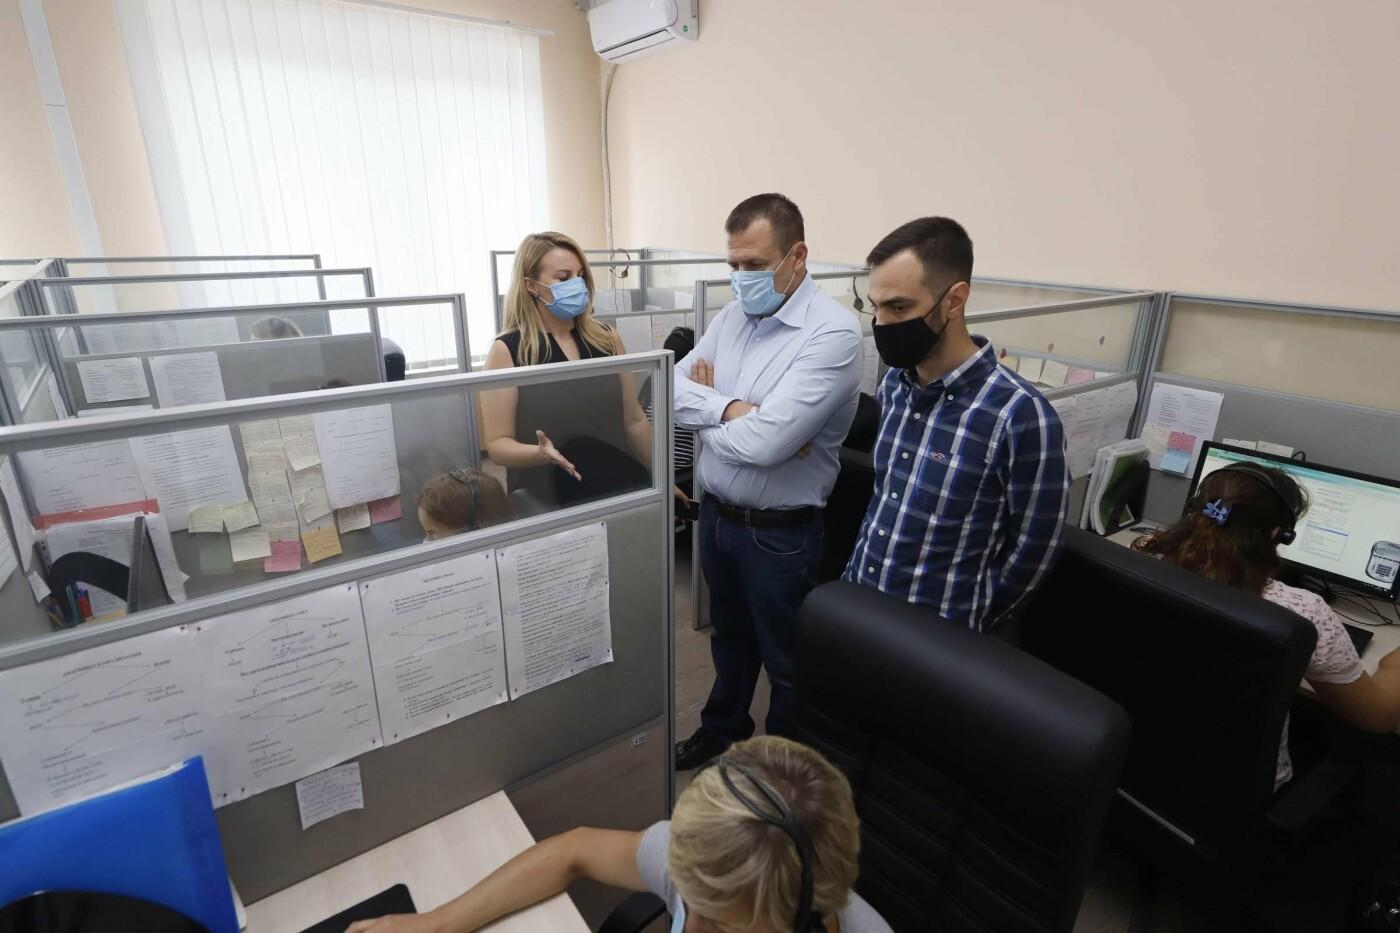 Борис Филатов: Контакт-центры Днепра являются передовой борьбой с коммунальными проблемами, фото-8